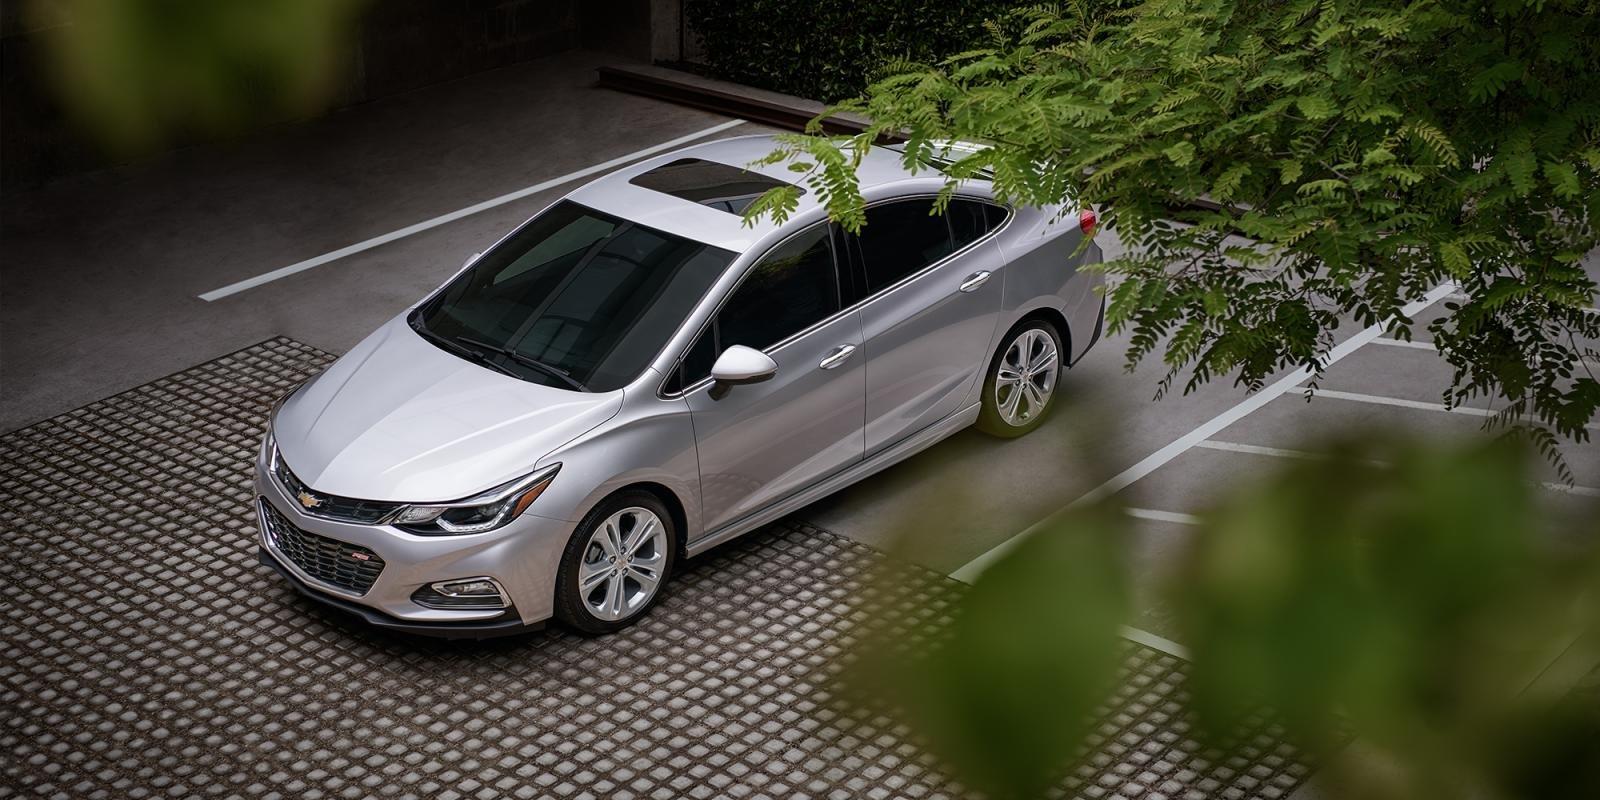 Chevrolet Cruze thế hệ mới âm thầm xuất hiện tại Việt Nam kèm giá bán a2